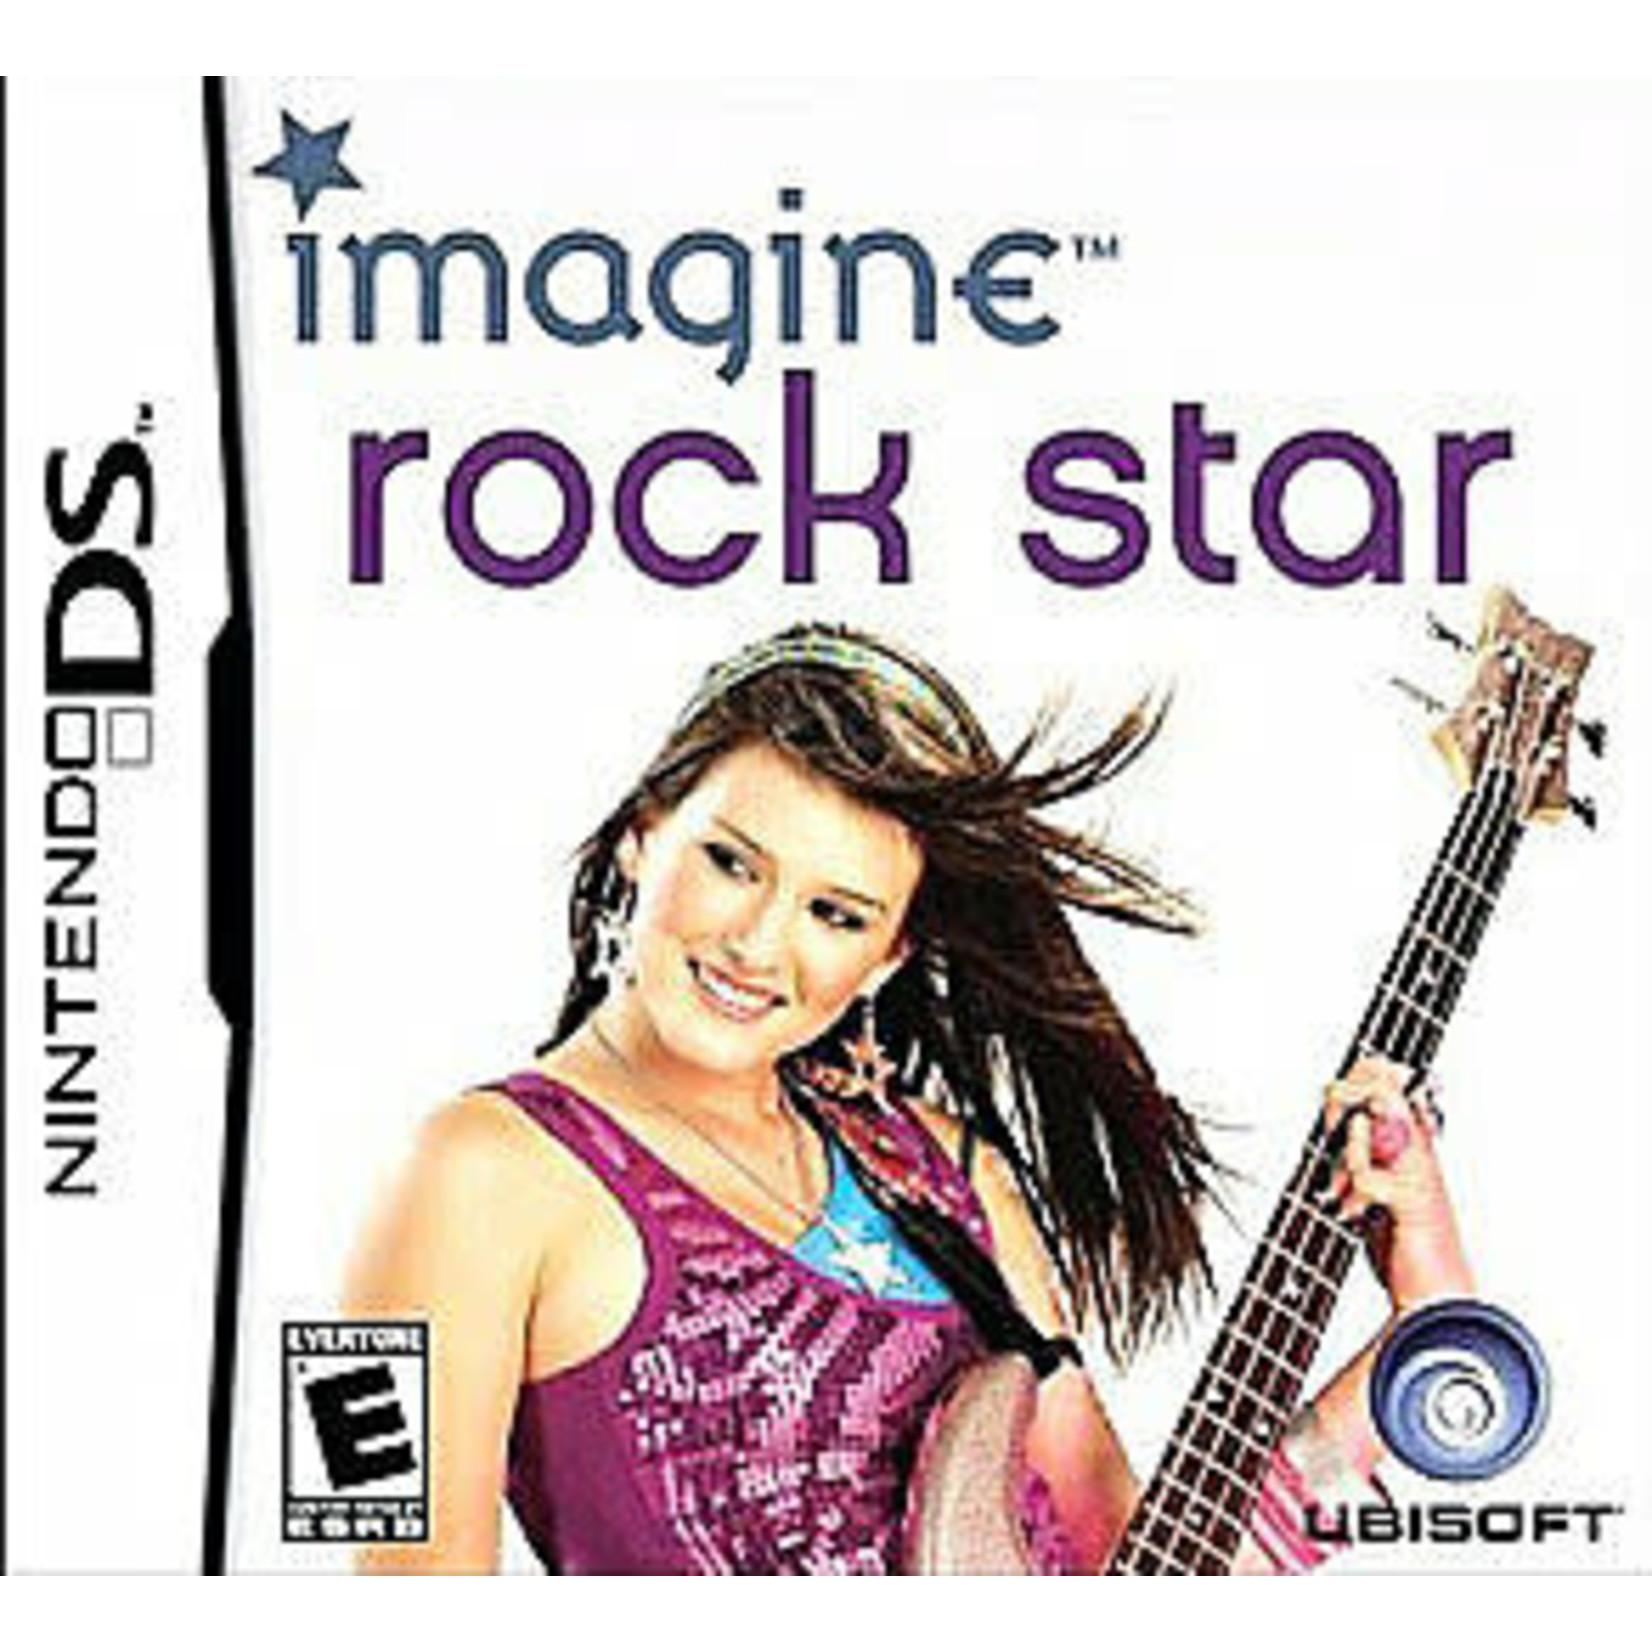 dsu-Imagine rockstar